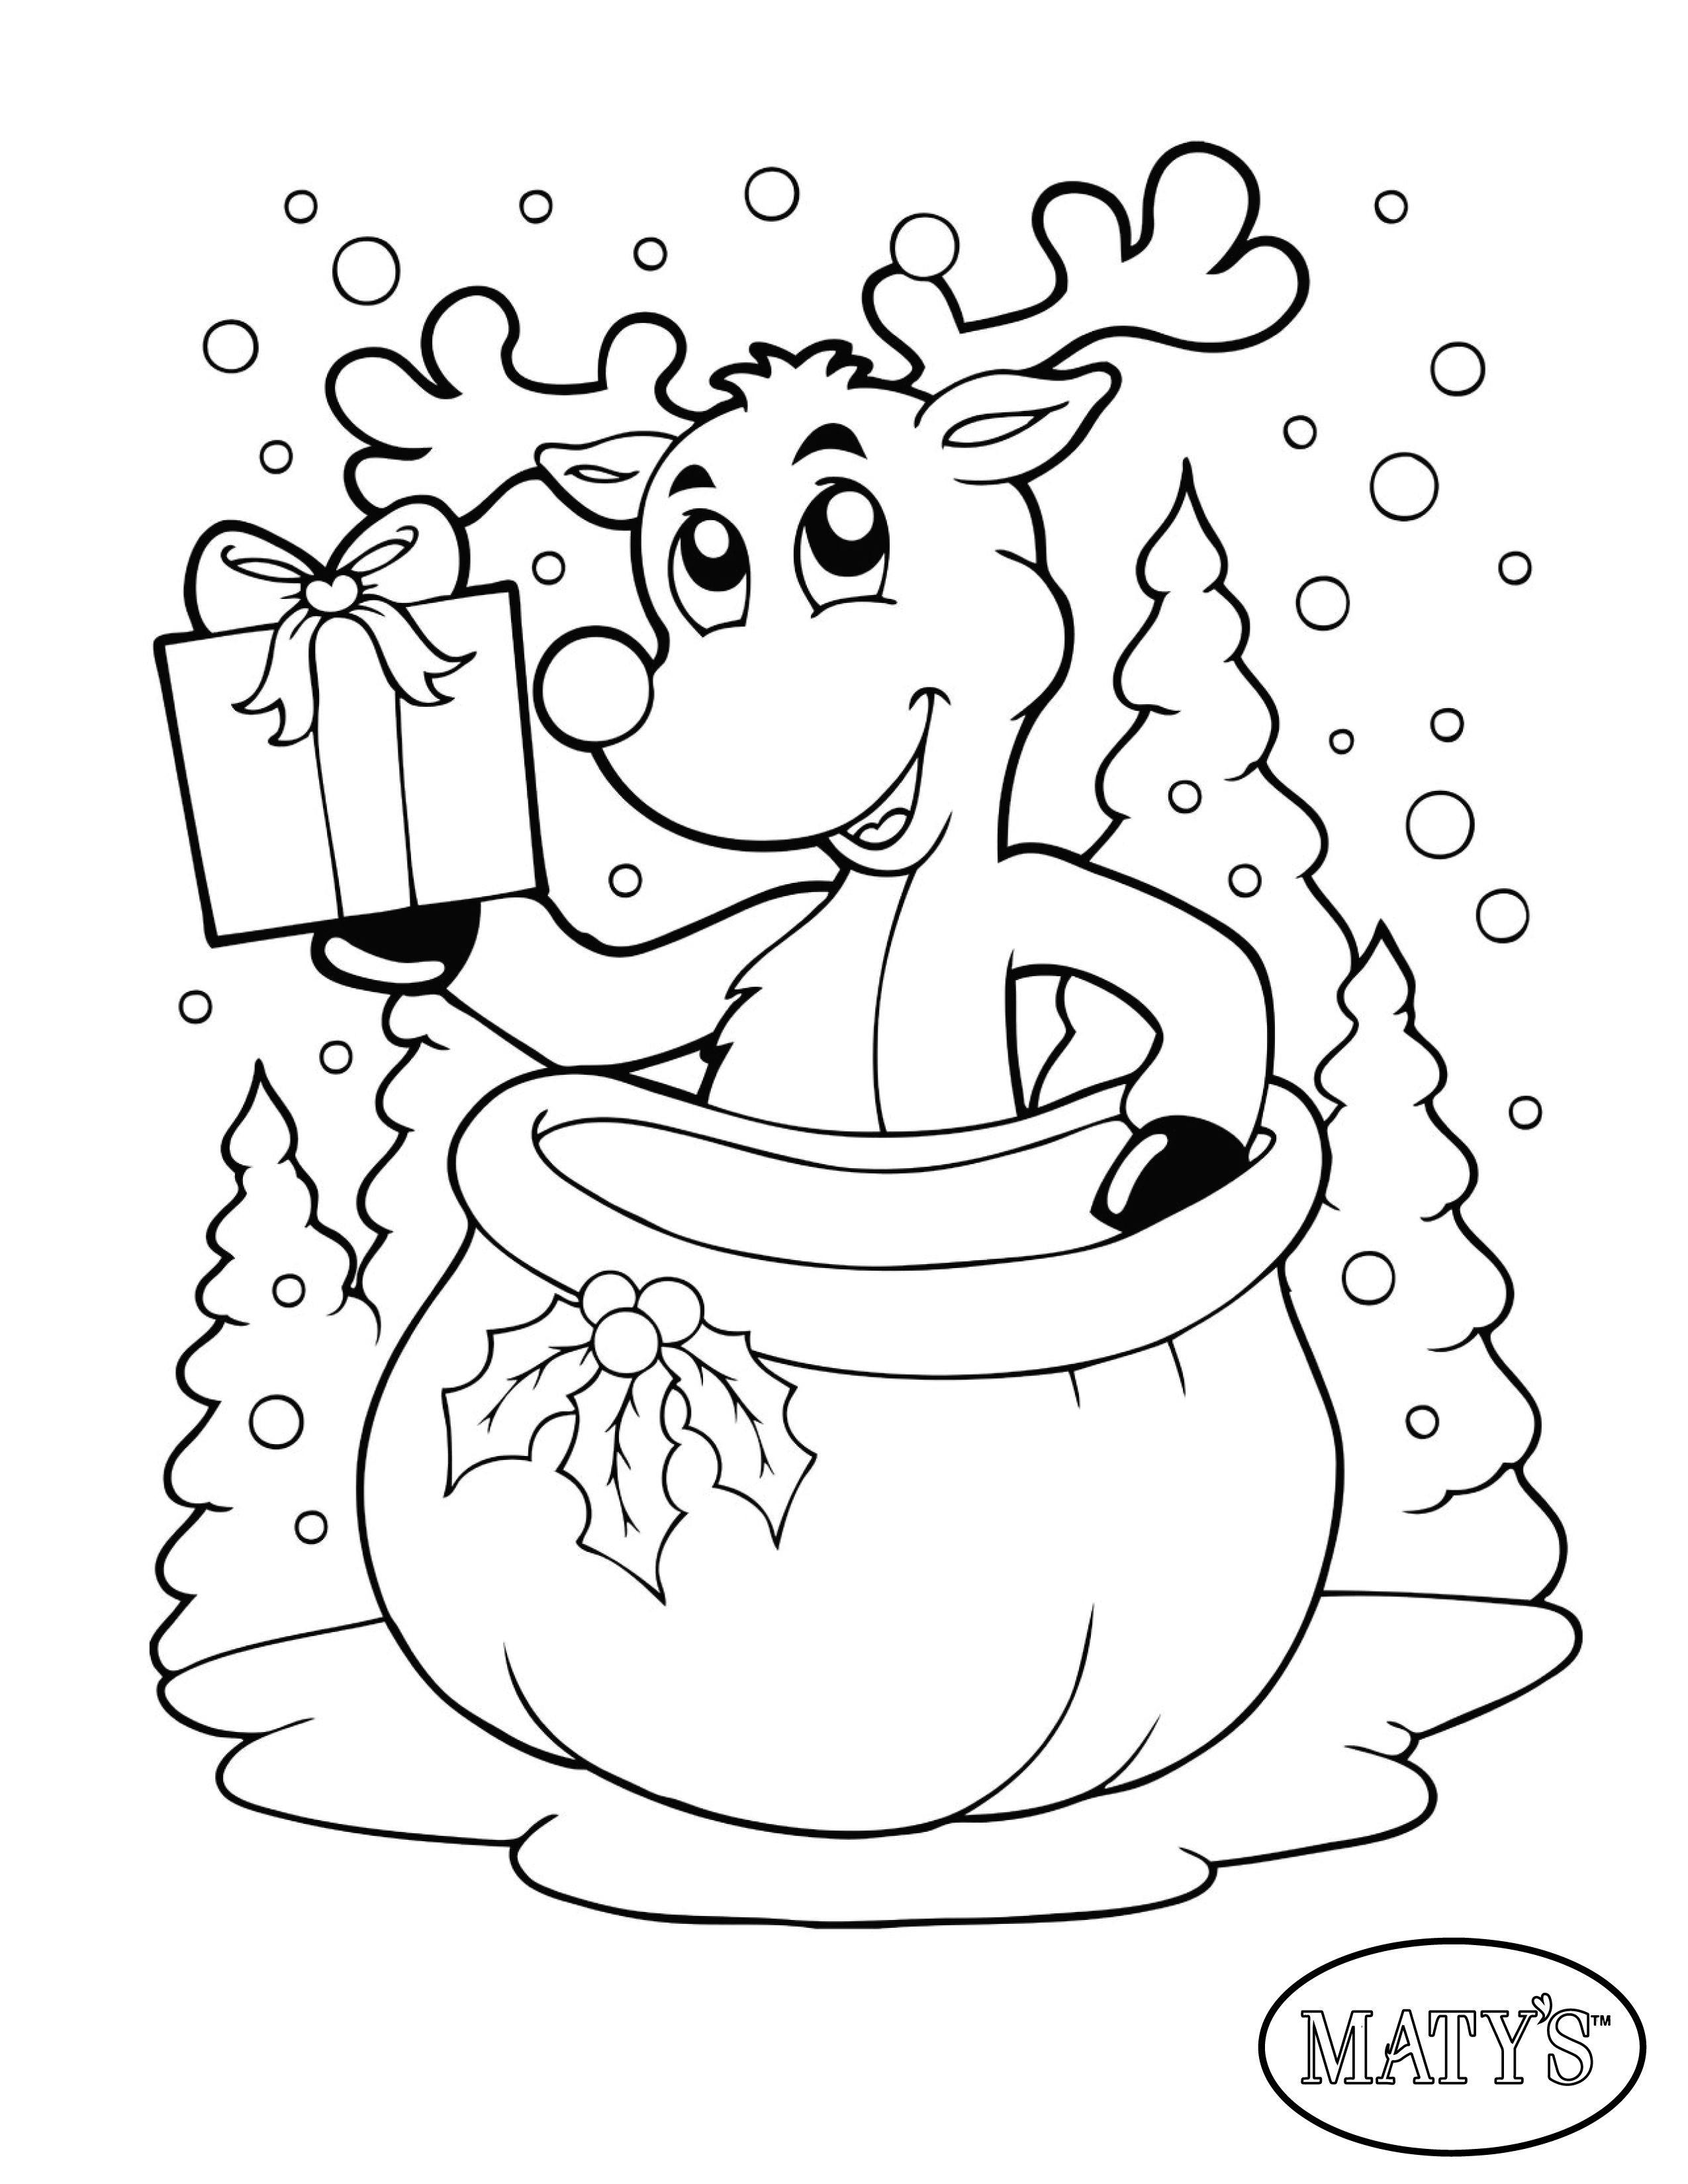 Ausmalbilder Weihnachten Ausdrucken Neu Here S A Holiday Printable to Keep the Kids Busy while You Das Bild